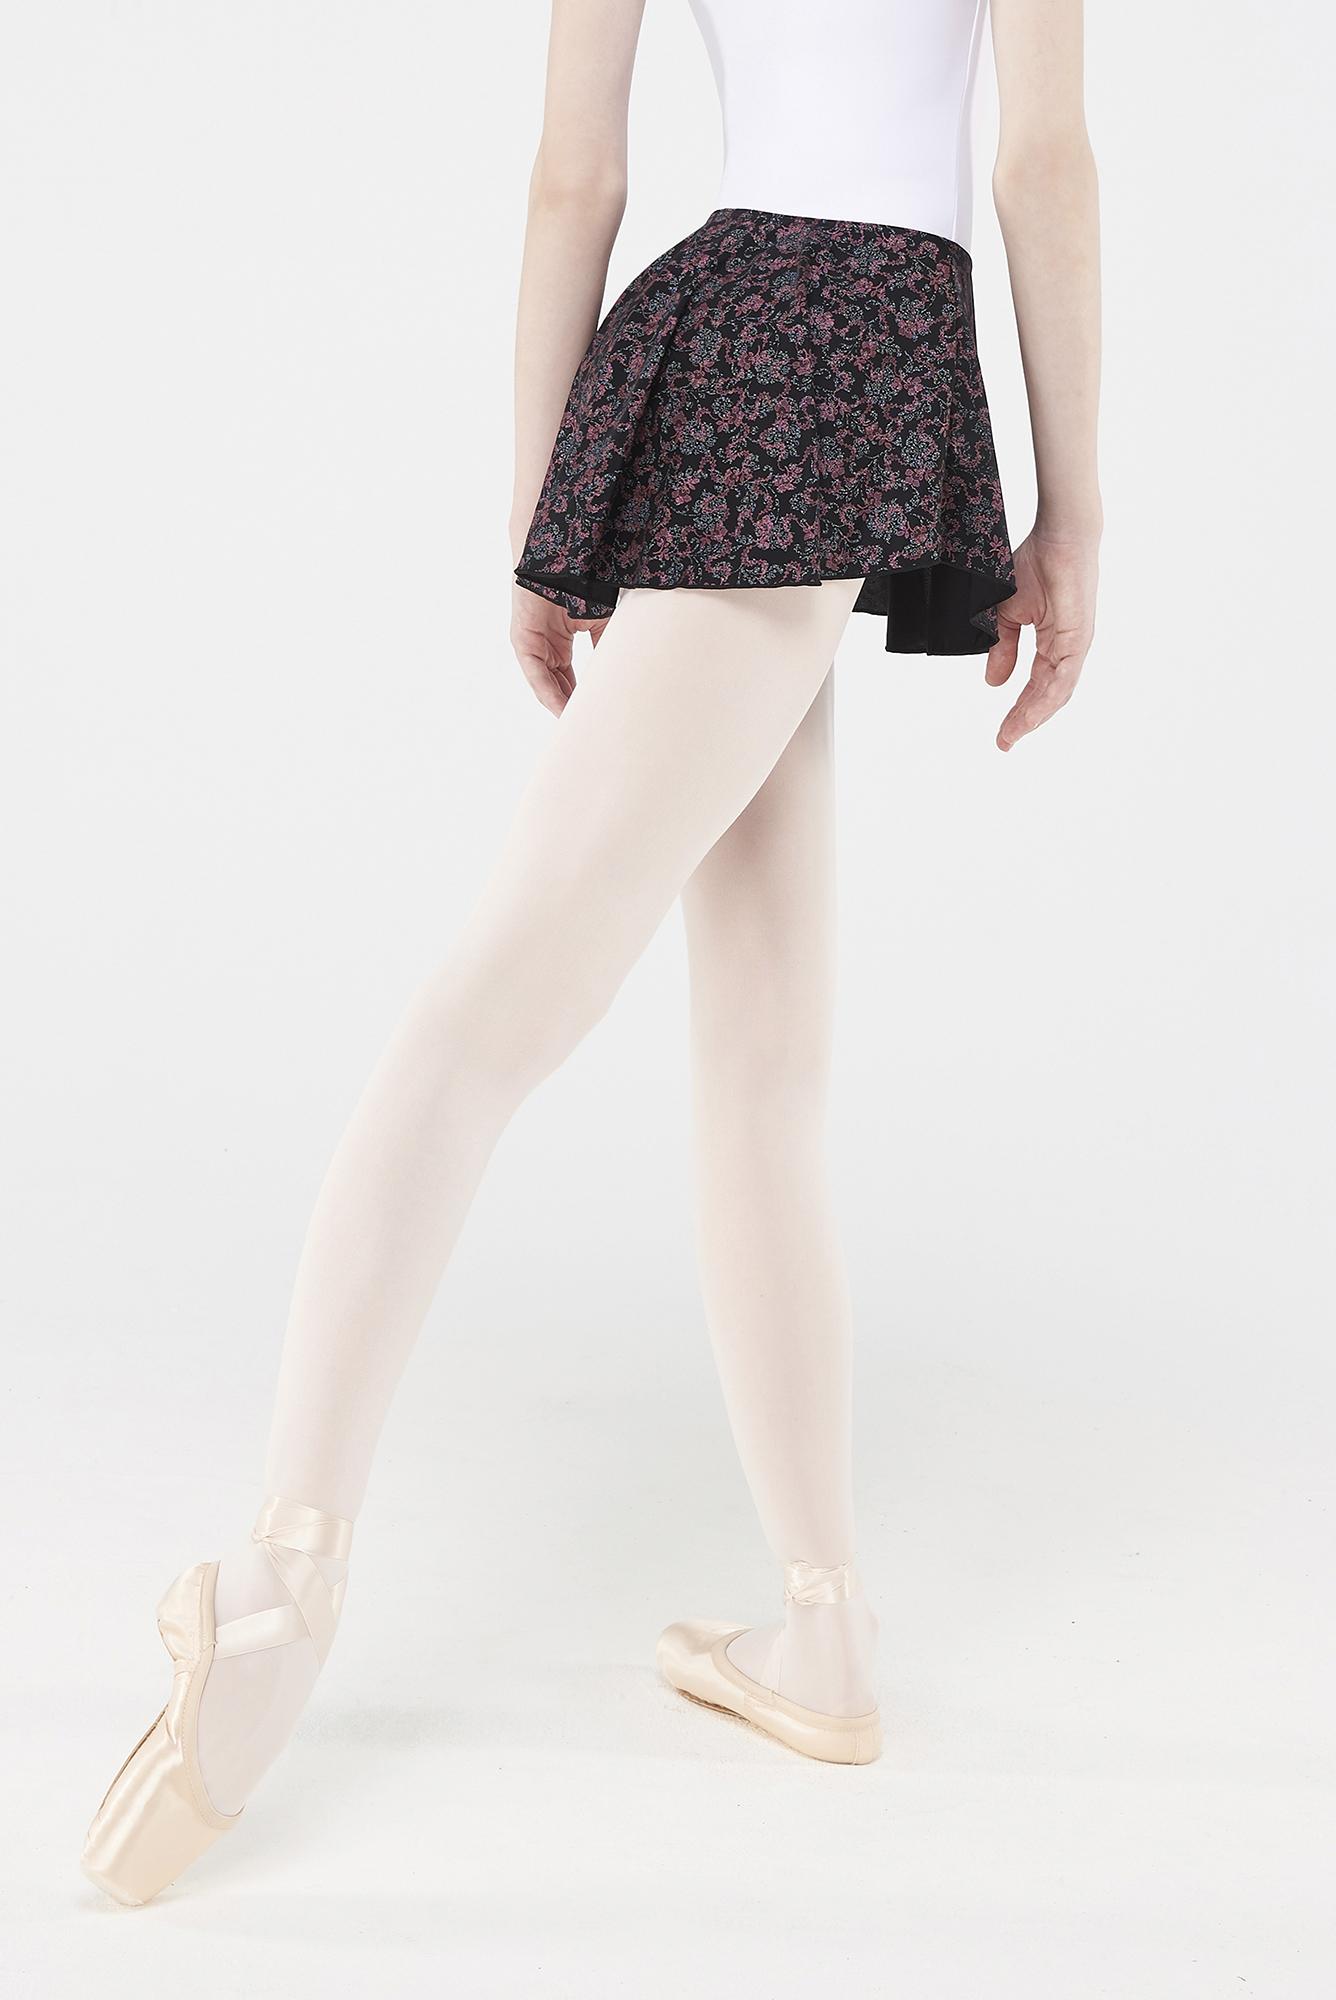 WEAR MOI ウェアモア LUMA(リュマ) プルオンスカート